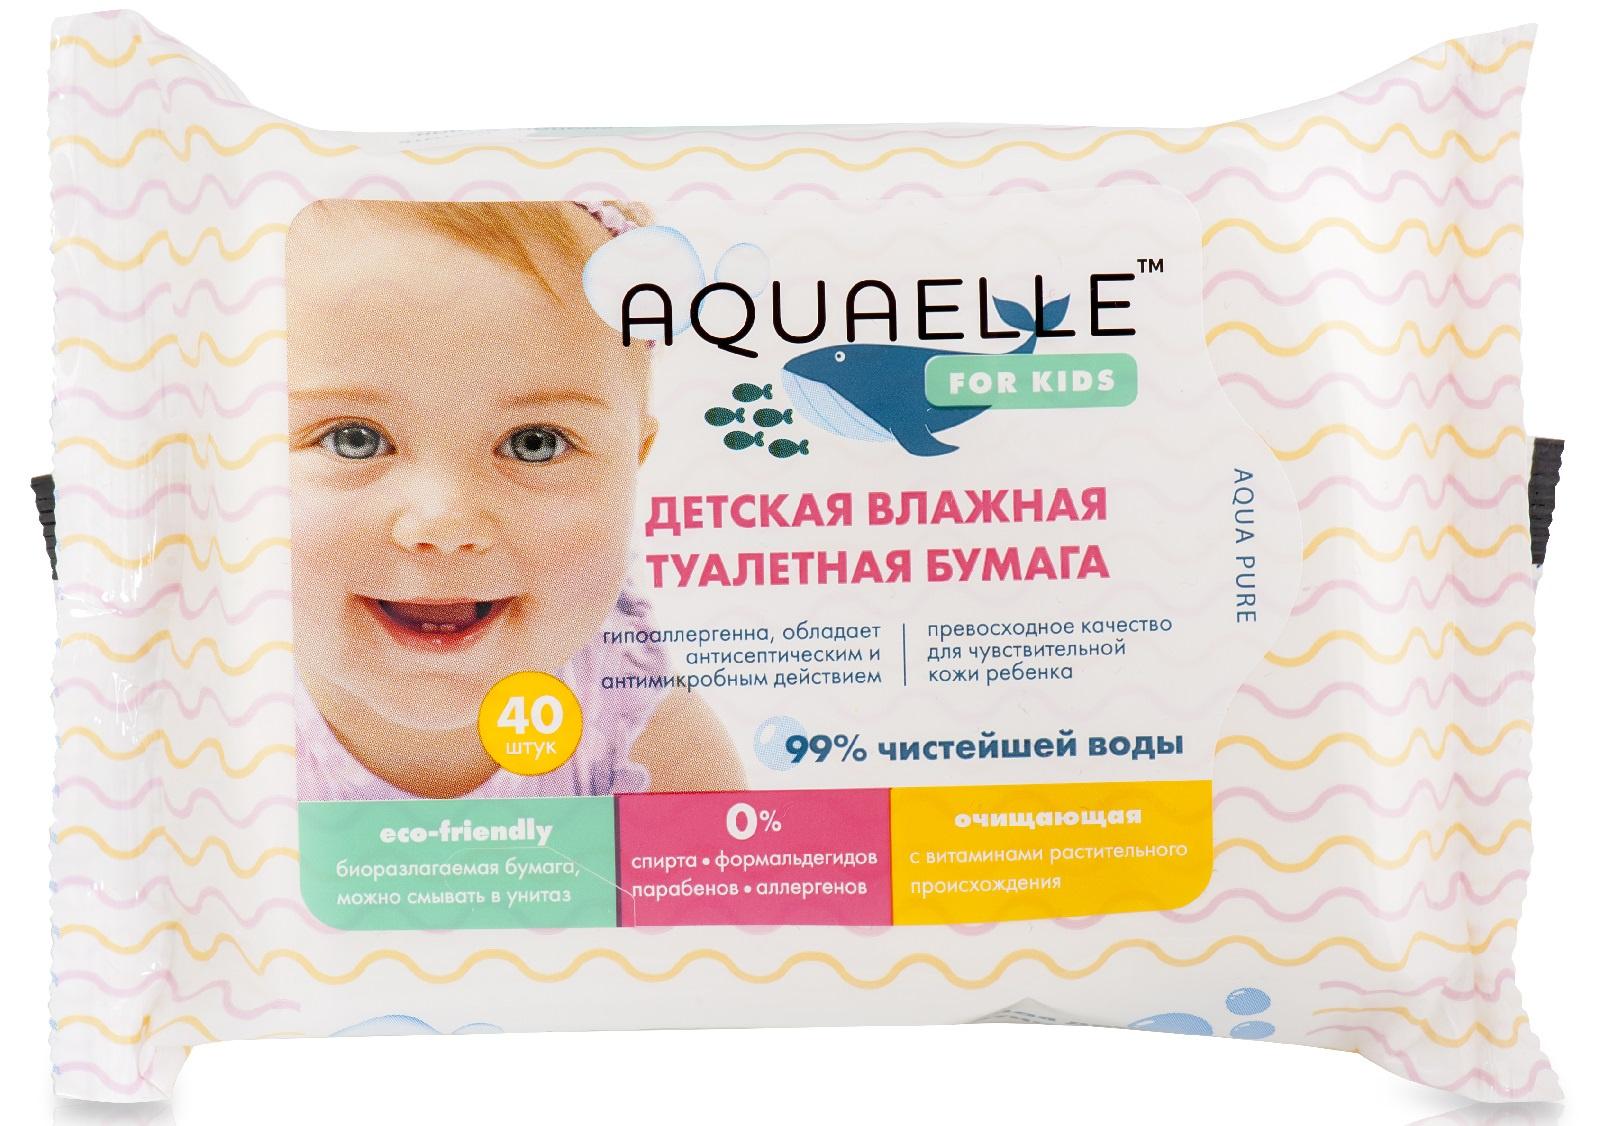 Влажная детская туалетная бумага AQUAELLE for Kids 40 шт.